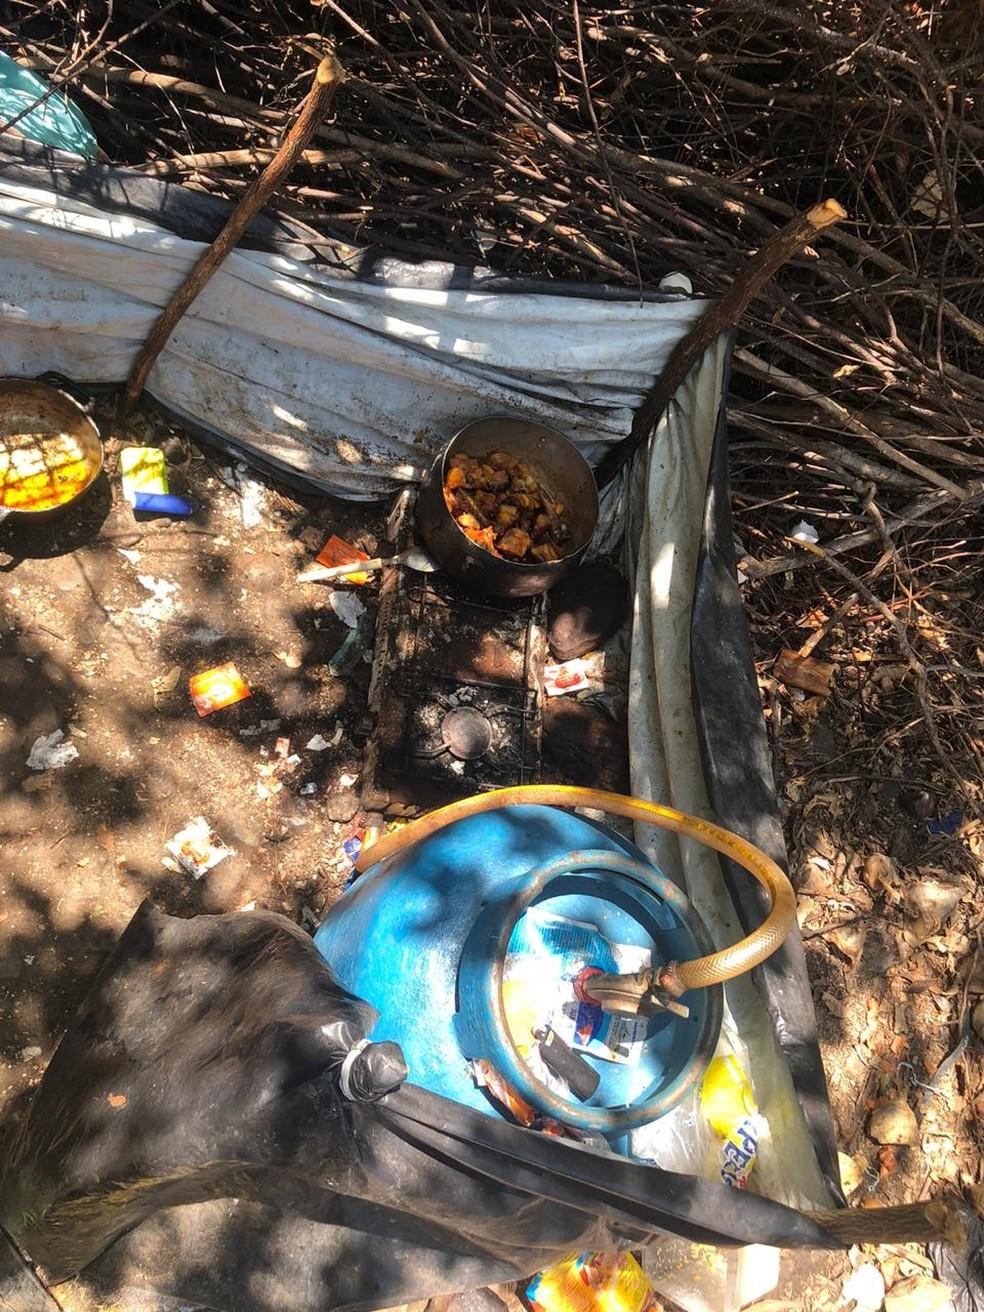 Foram achados botijão de gás, panelas e redes para acampamento e descanso do trio — Foto: SSP/Divulgação